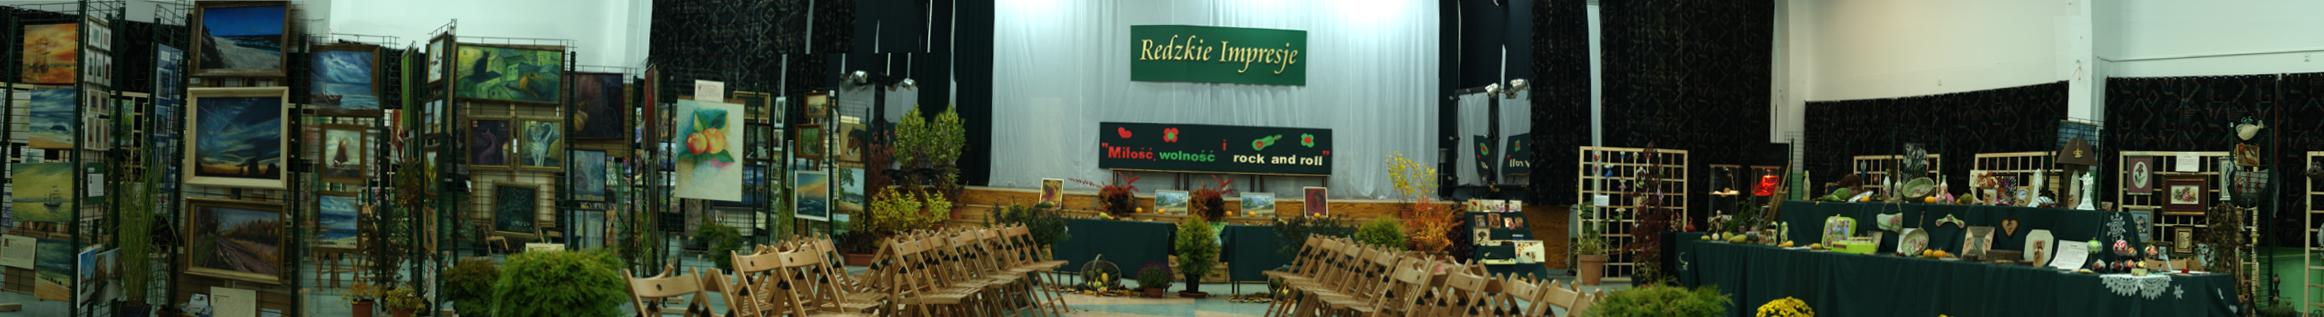 Redzkie Impresje 2010